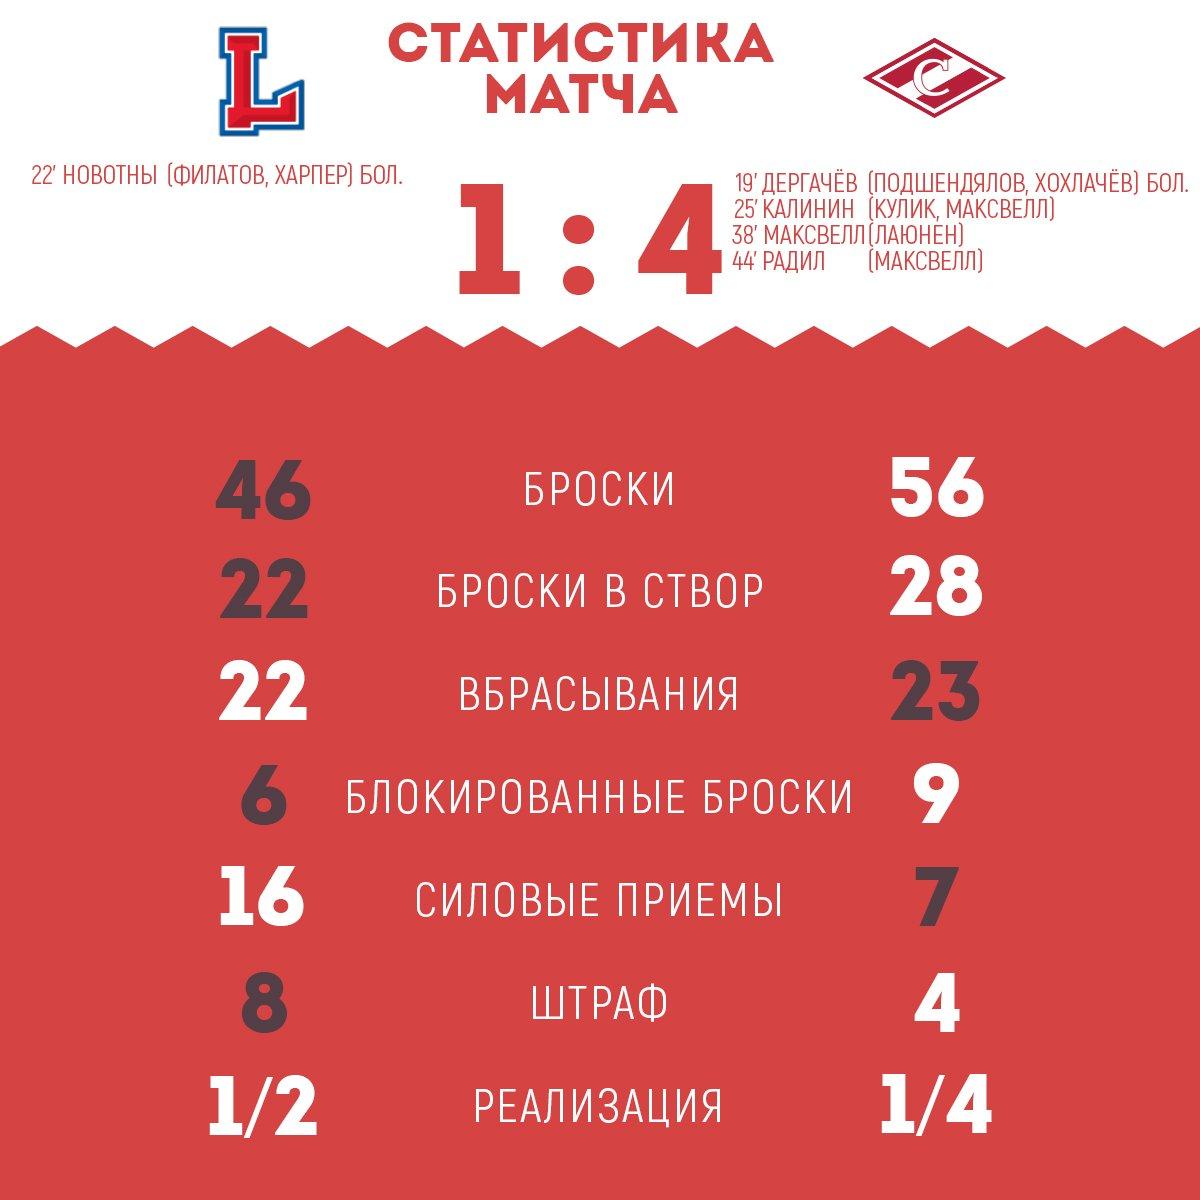 Статистика матча «Лада» - «Спартак» 1:4